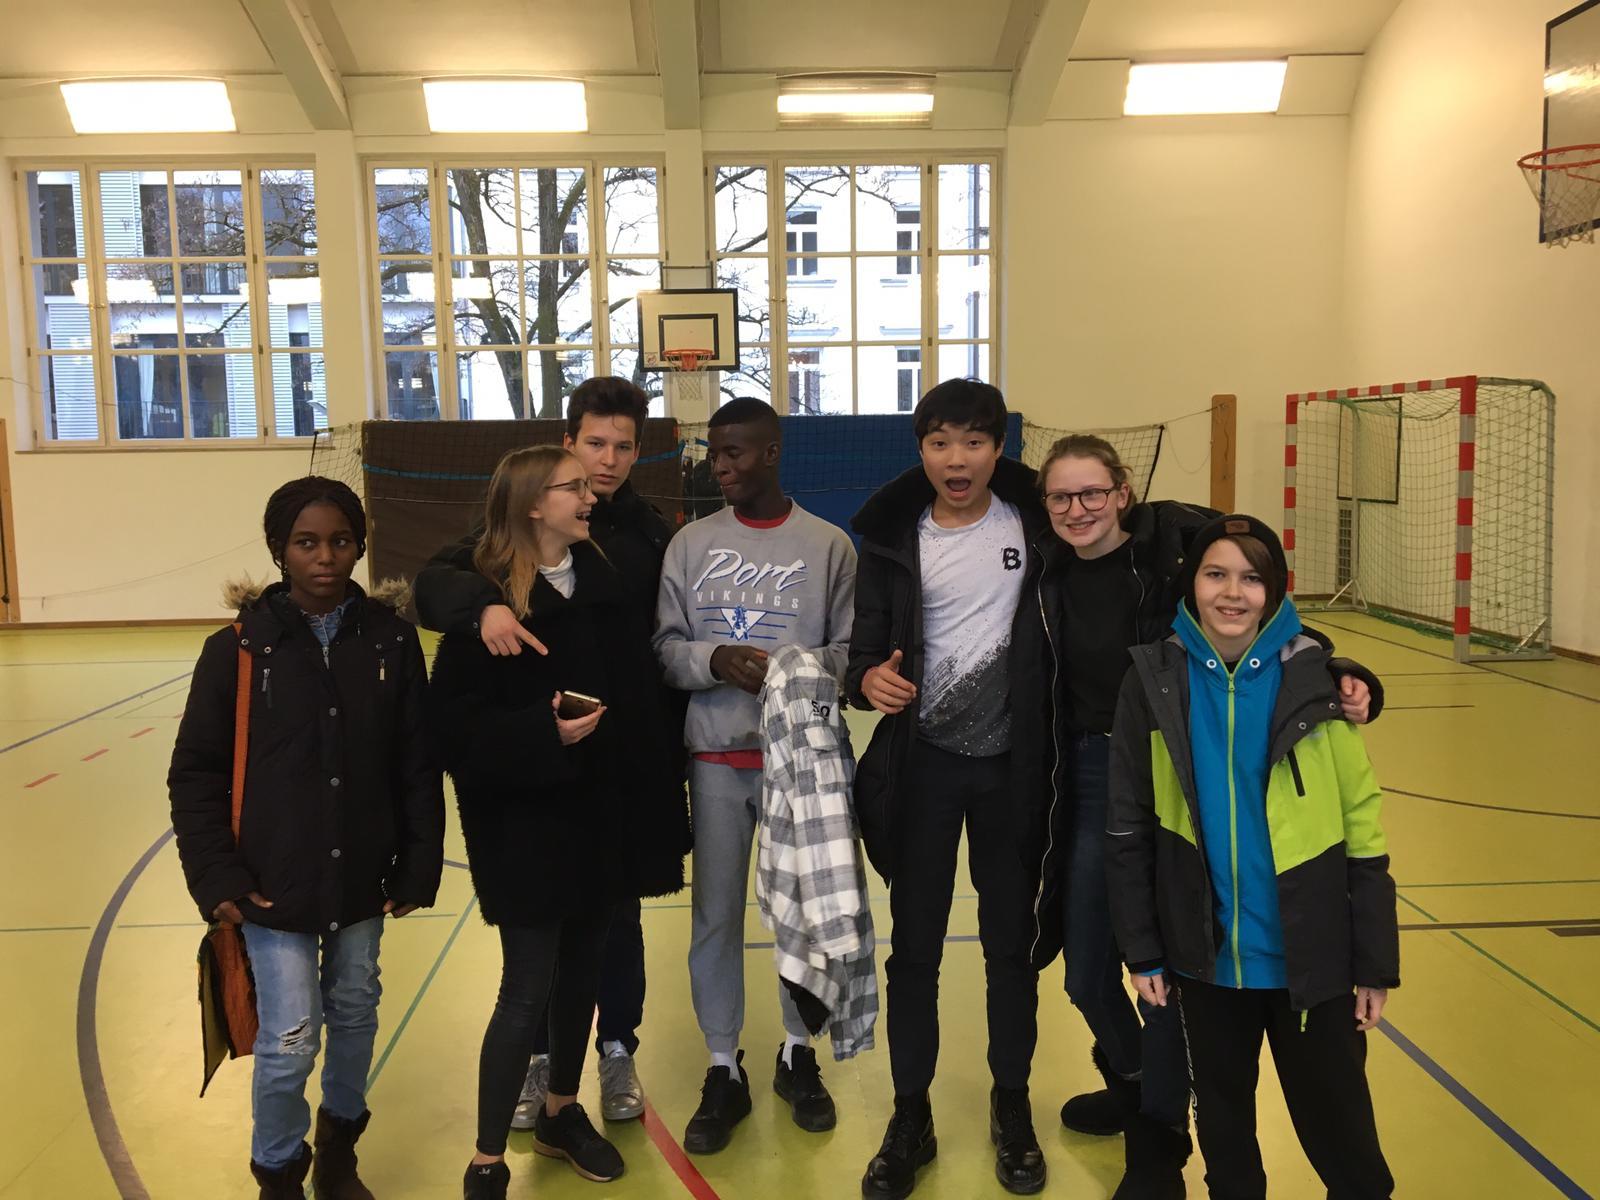 Mary und Bryce mit Schülern des Pestalozzi-Gymnasiums